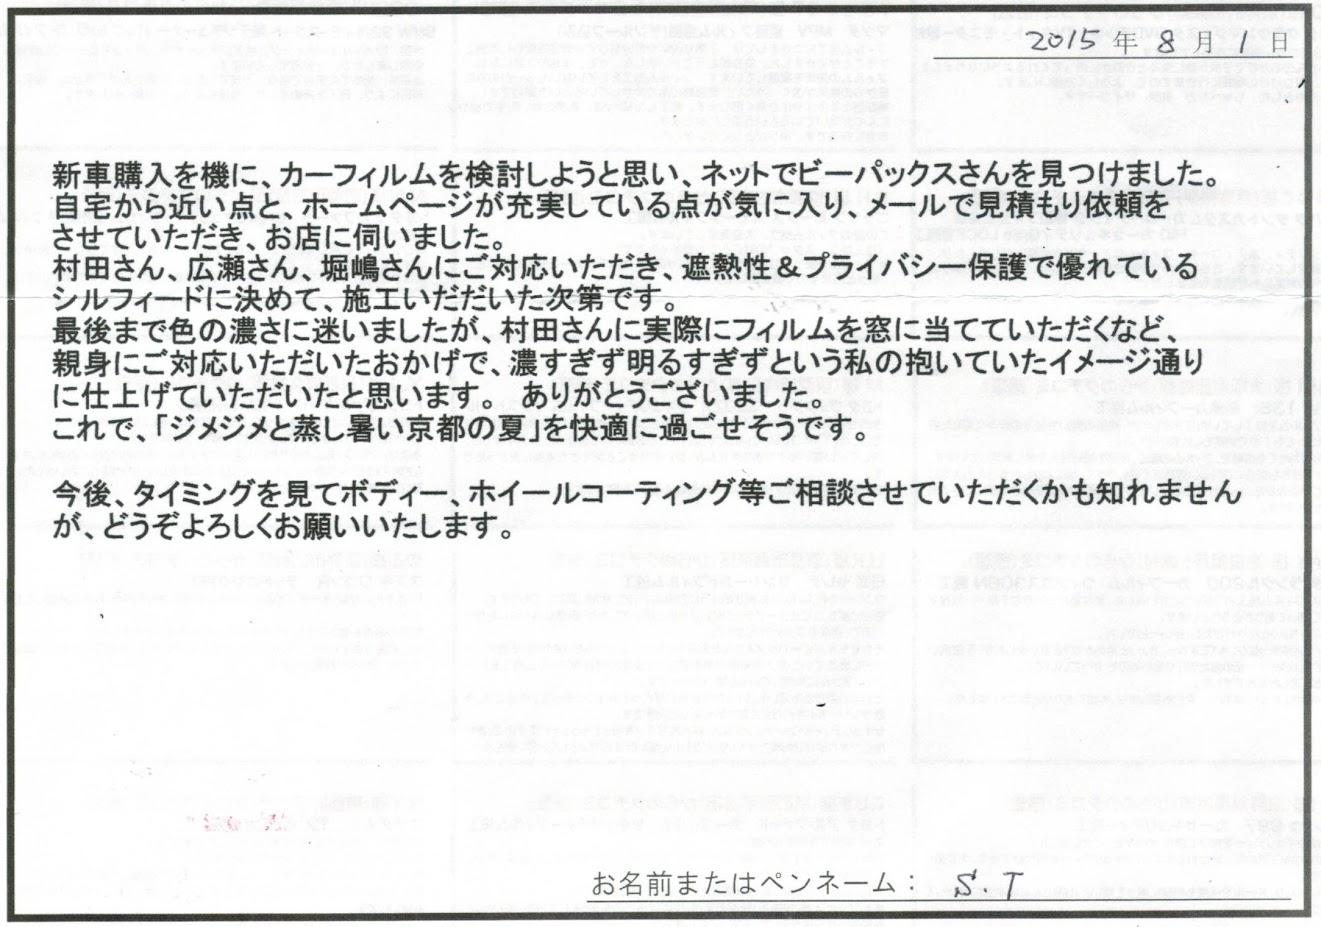 ビーパックスへのクチコミ/お客様の声:S.T. 様(京都市下京区)/BMW 320i